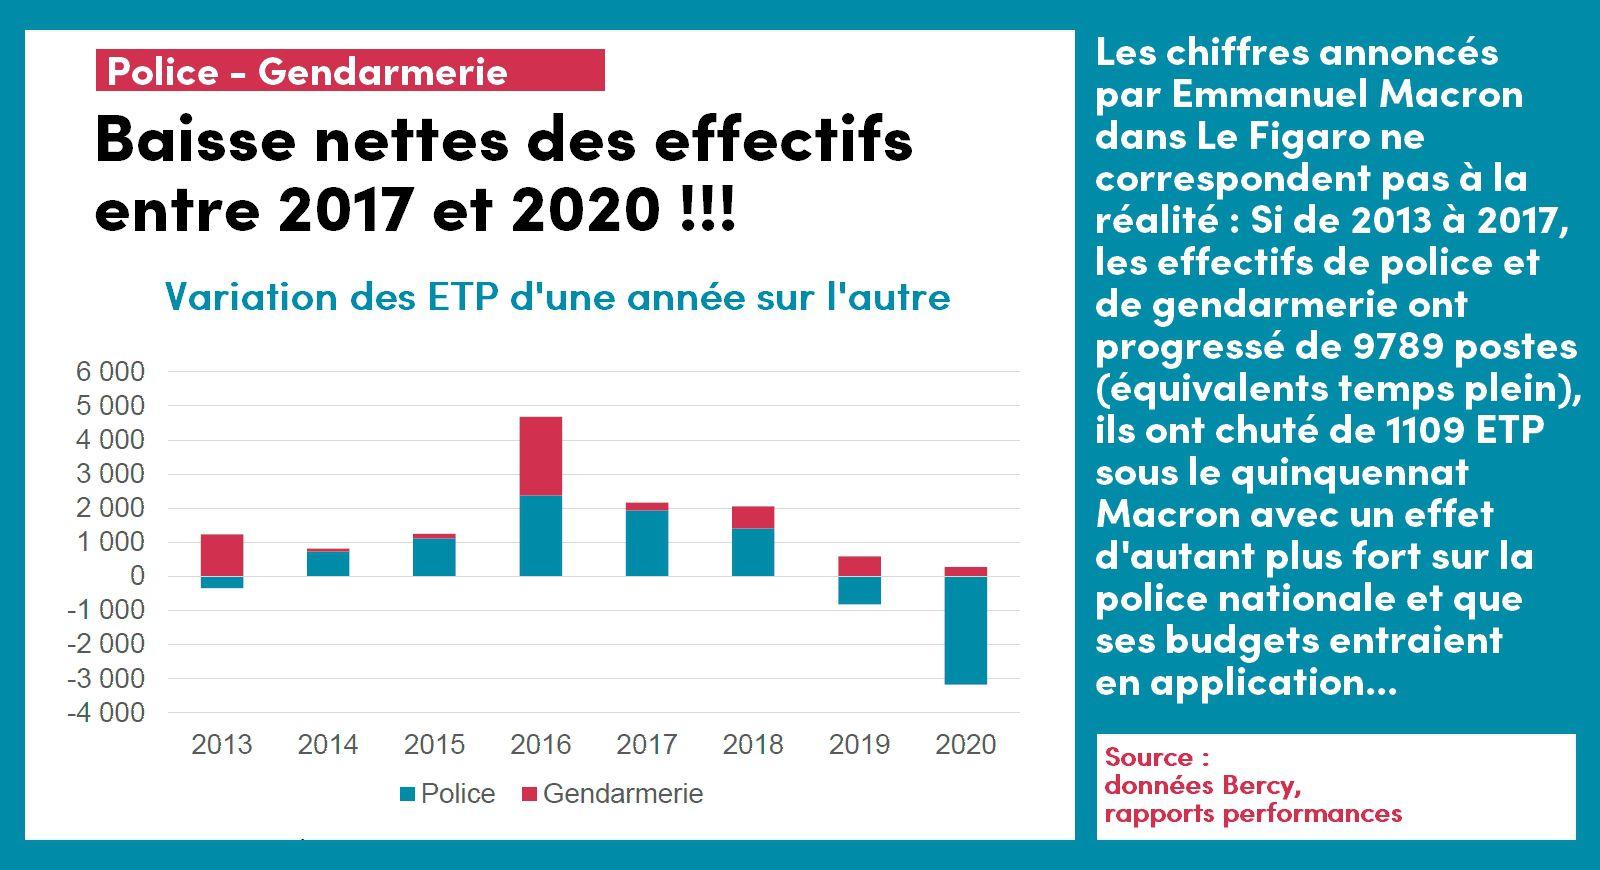 infographie sur les chiffres d'évolution des postes de policiers et de gendarmes fournis par Bercy